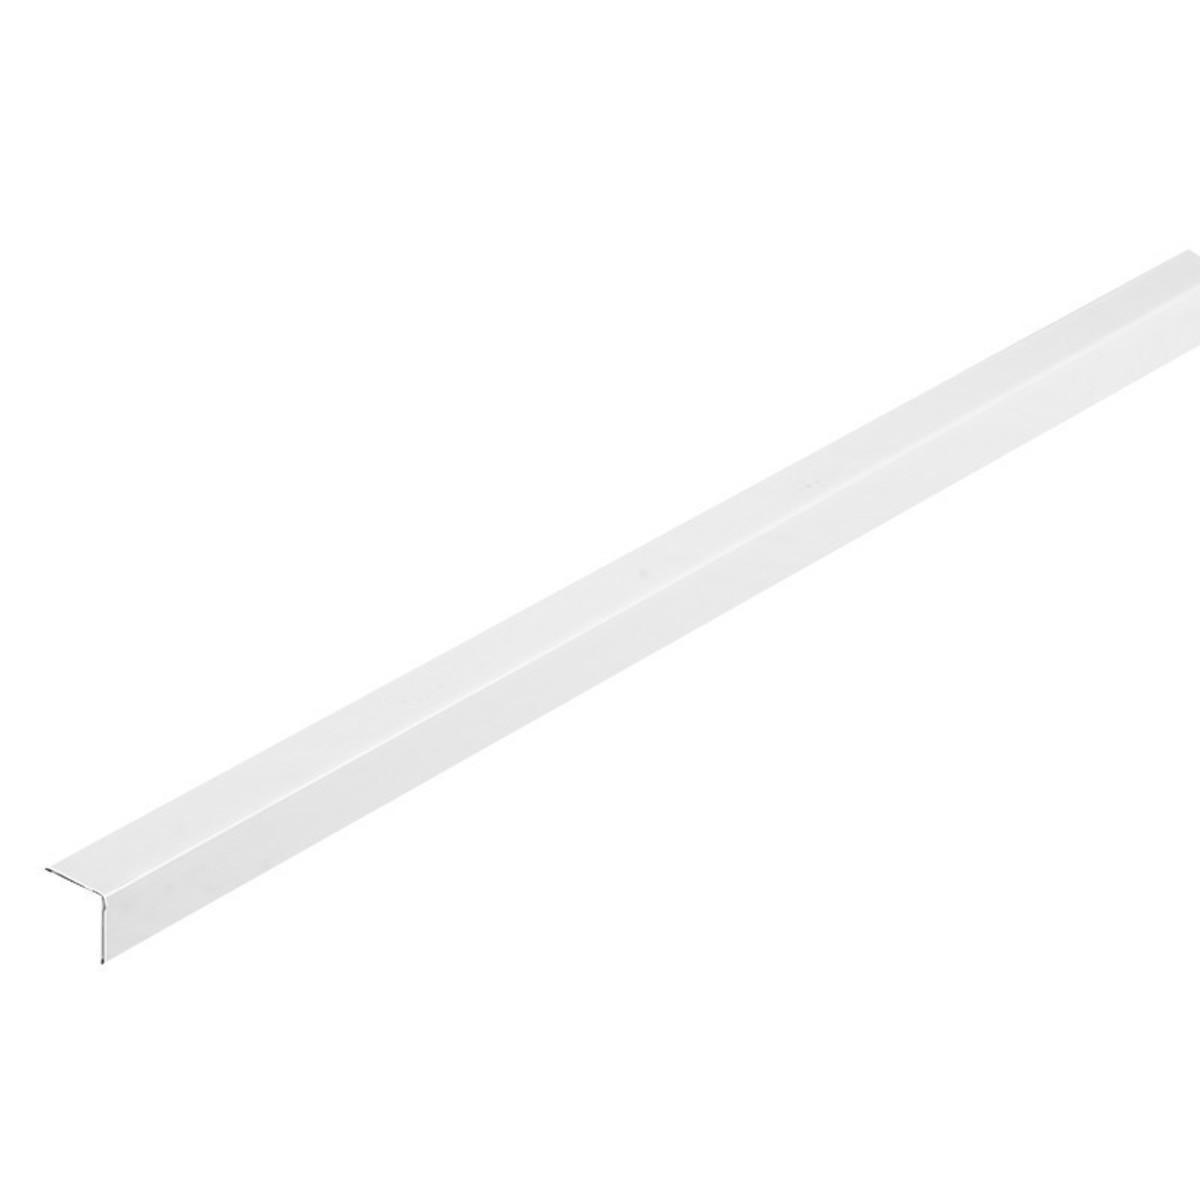 Угол периметральный алюминиевый 19x19x3000 мм цвет белый